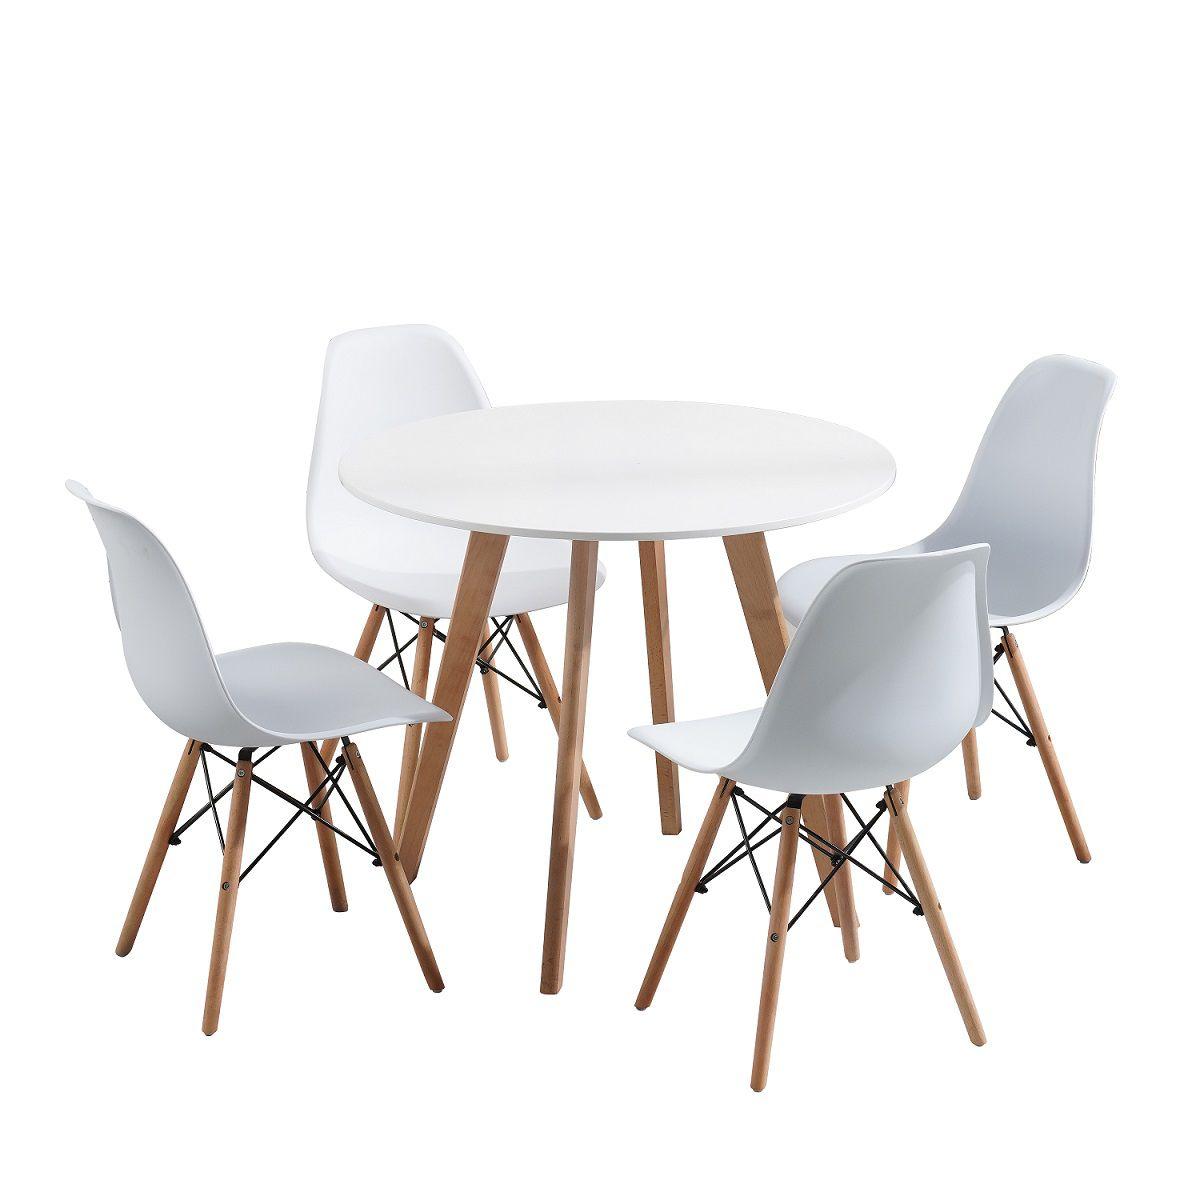 Conjunto Pelegrin Design Charles Eames Mesa Redonda 88cm com 4 Cadeiras Eiffel Branca